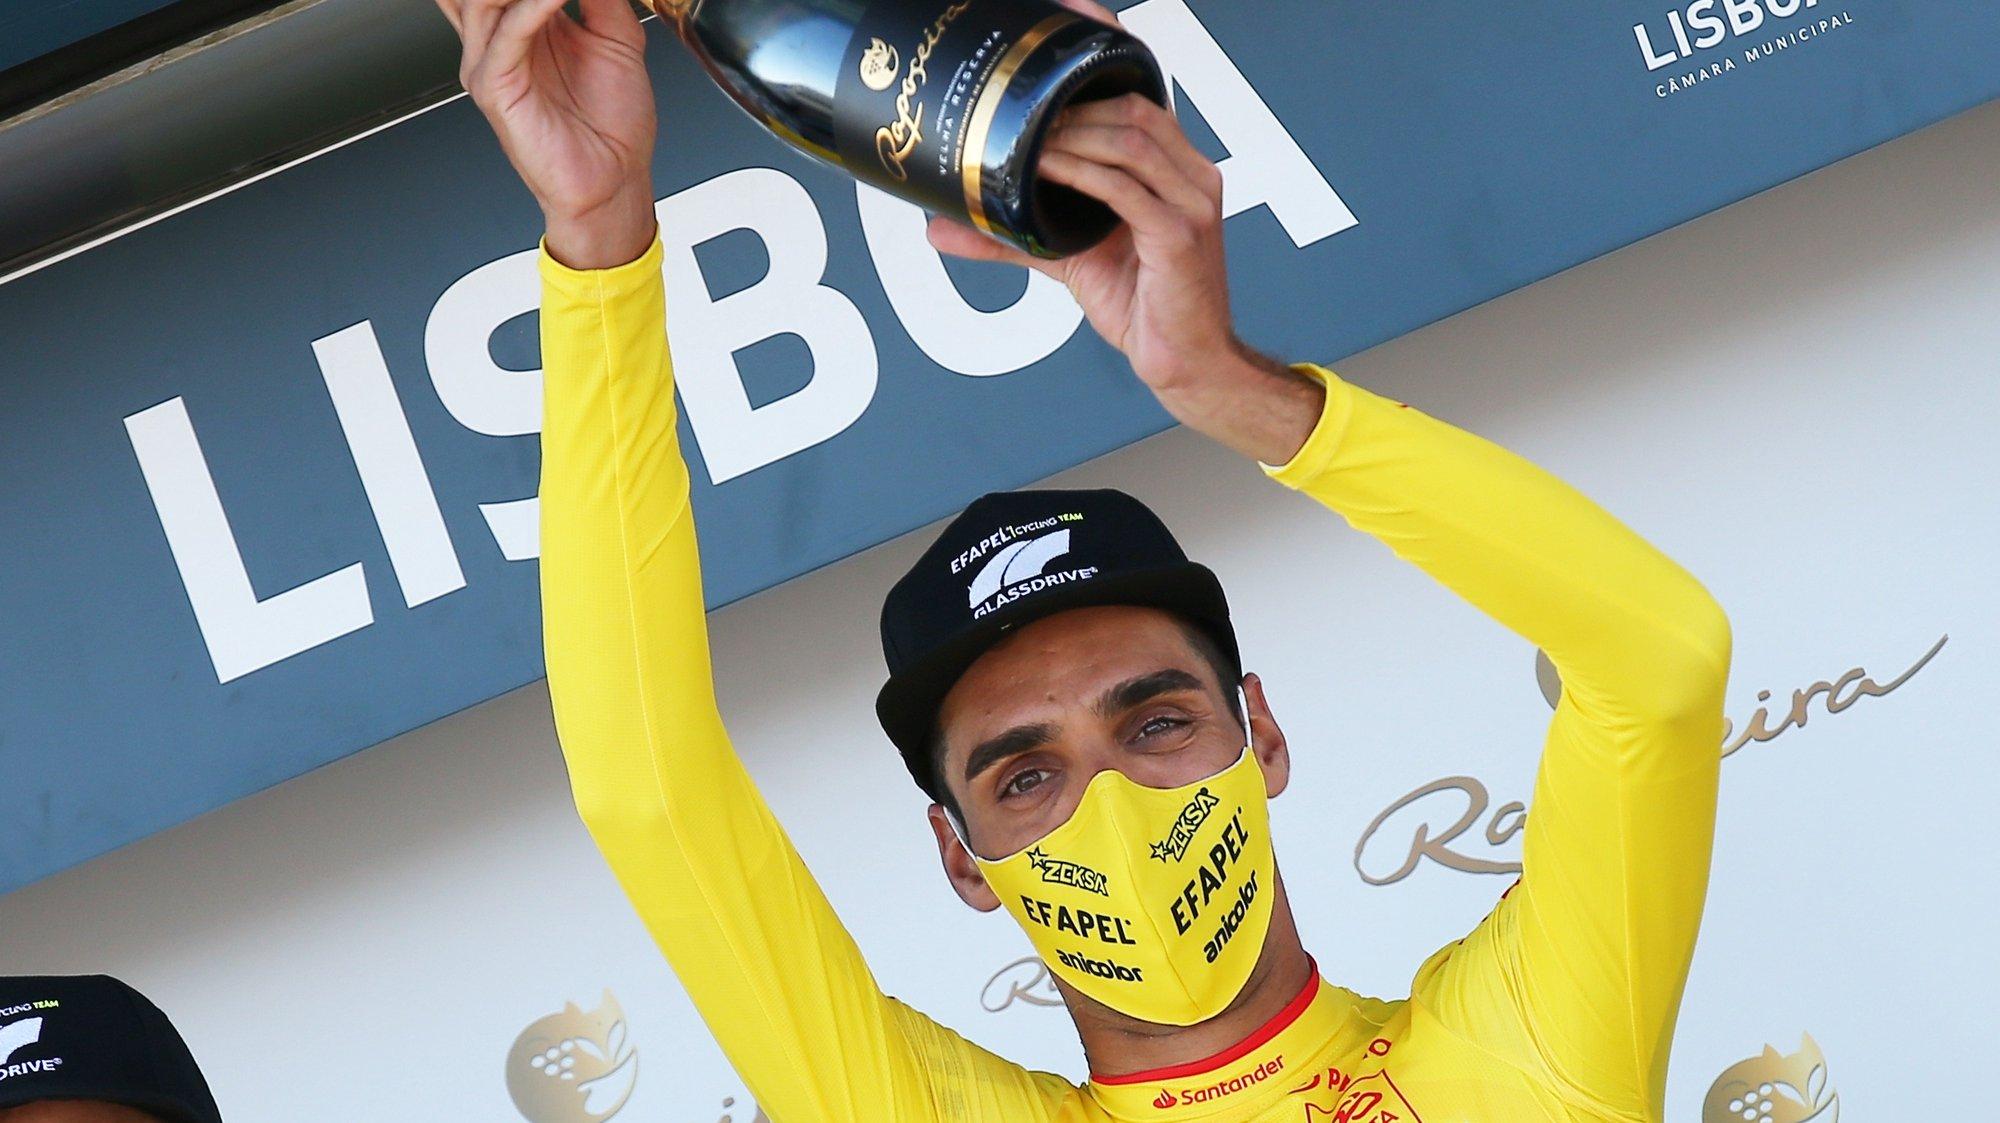 O ciclista da equipa Efapel, Rafael Reis, festeja no pódio a conquista da primeira camisola amarela de líder, após vencer o prólogo da 82ª Volta a Portugal em Bicicleta, com a distância de 5,4 km, em Lisboa, 04 de agosto de 2021. NUNO VEIGA/LUSA